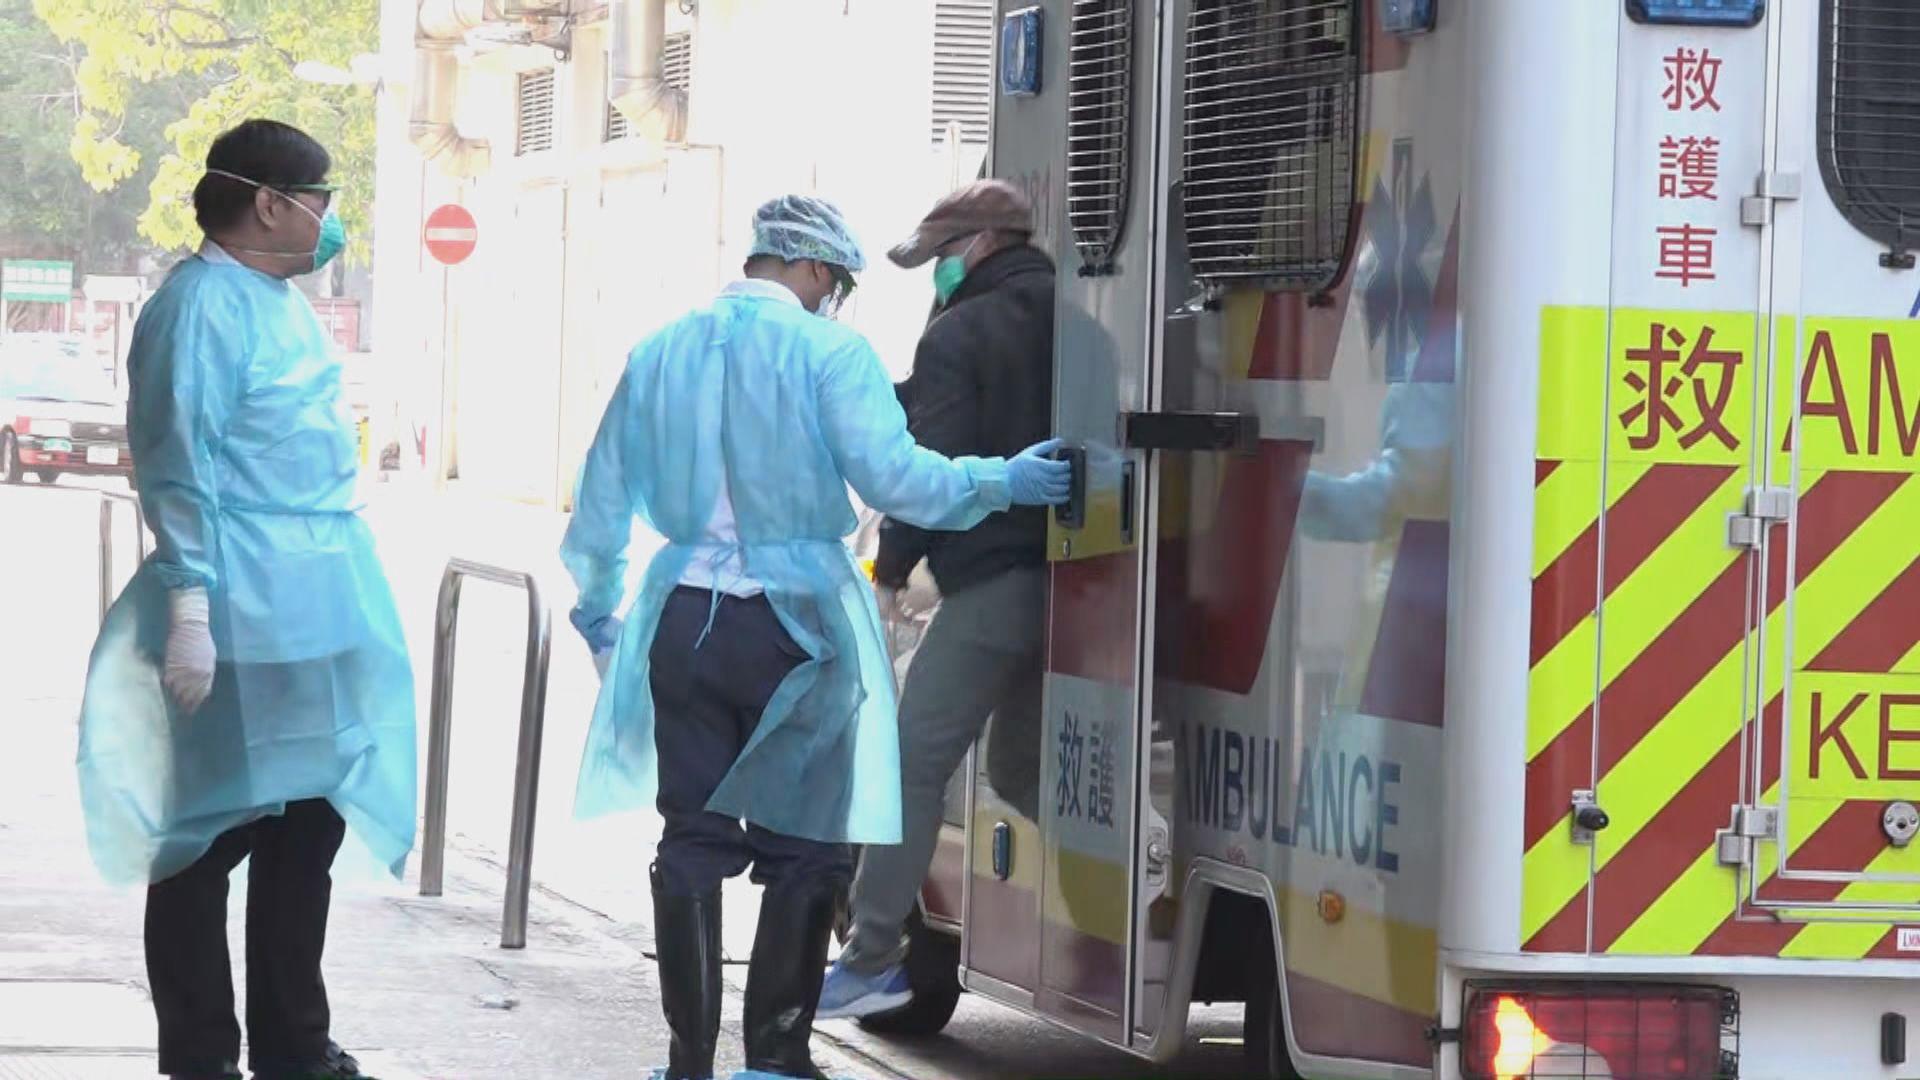 兩男子由駿洋邨送往伊利沙伯醫院